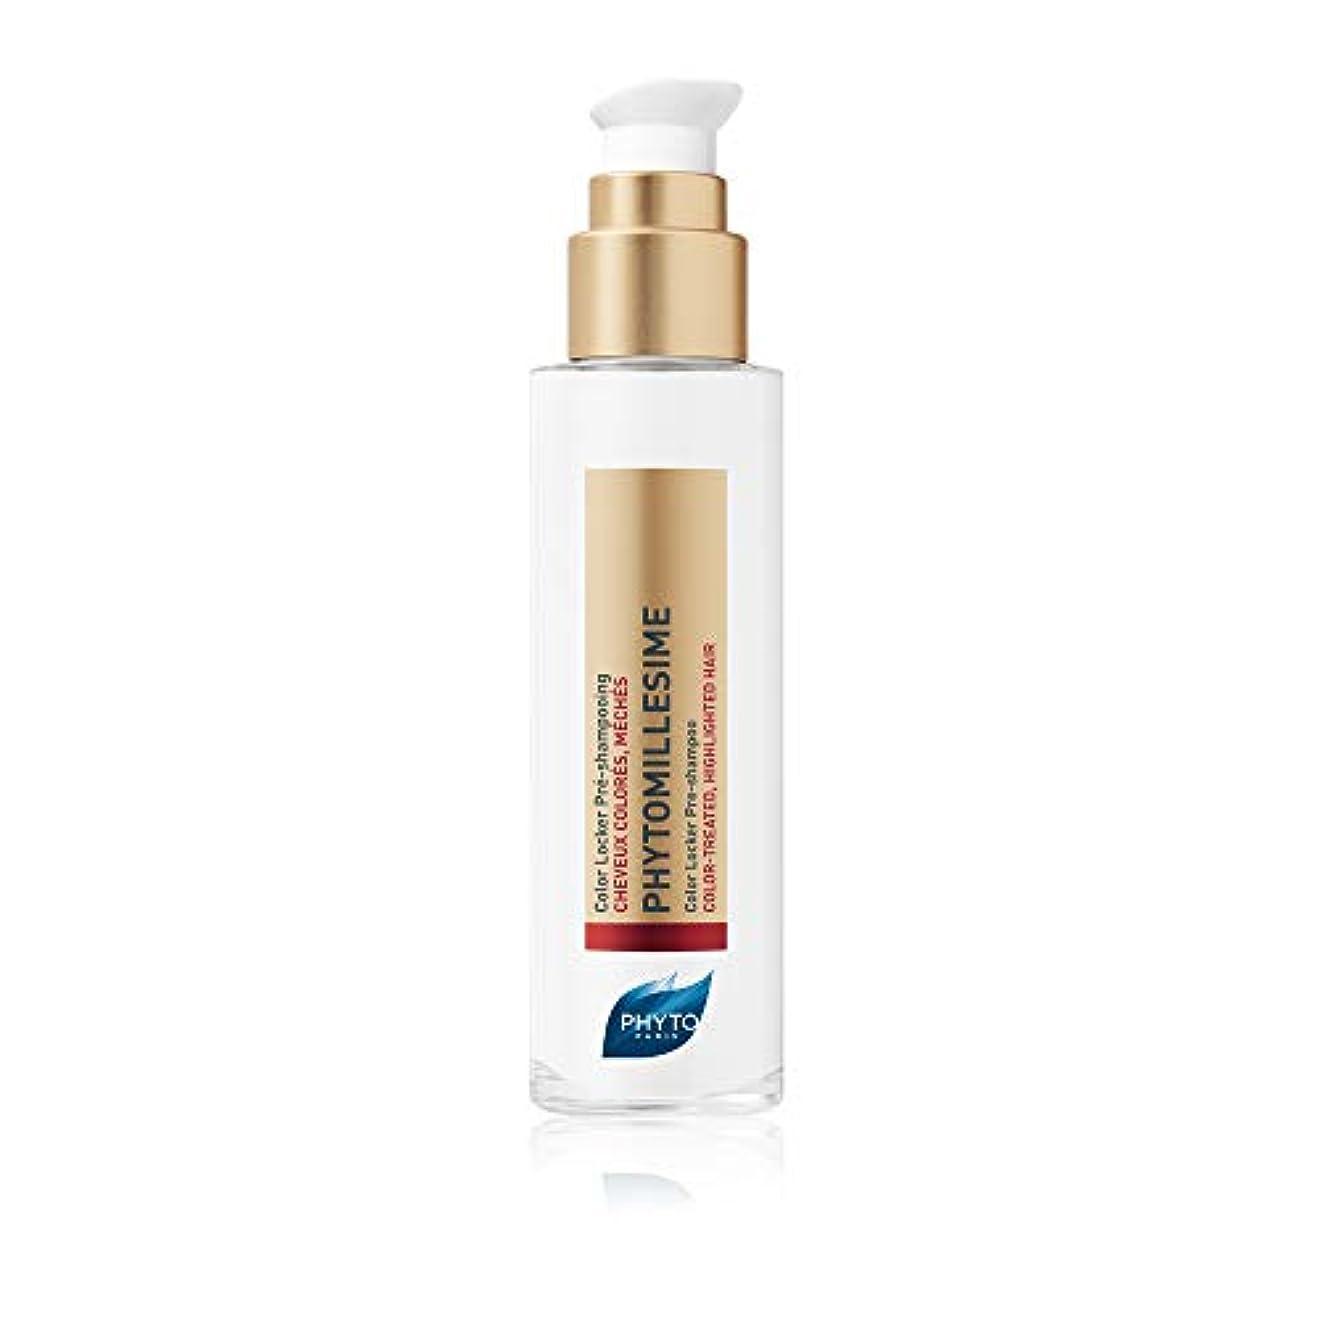 メトリック冒険者スキャンダルフィト Phytomillesime Color Locker Pre-Shampoo (Color-Treated, Highlighted Hair) 100ml/3.4oz並行輸入品